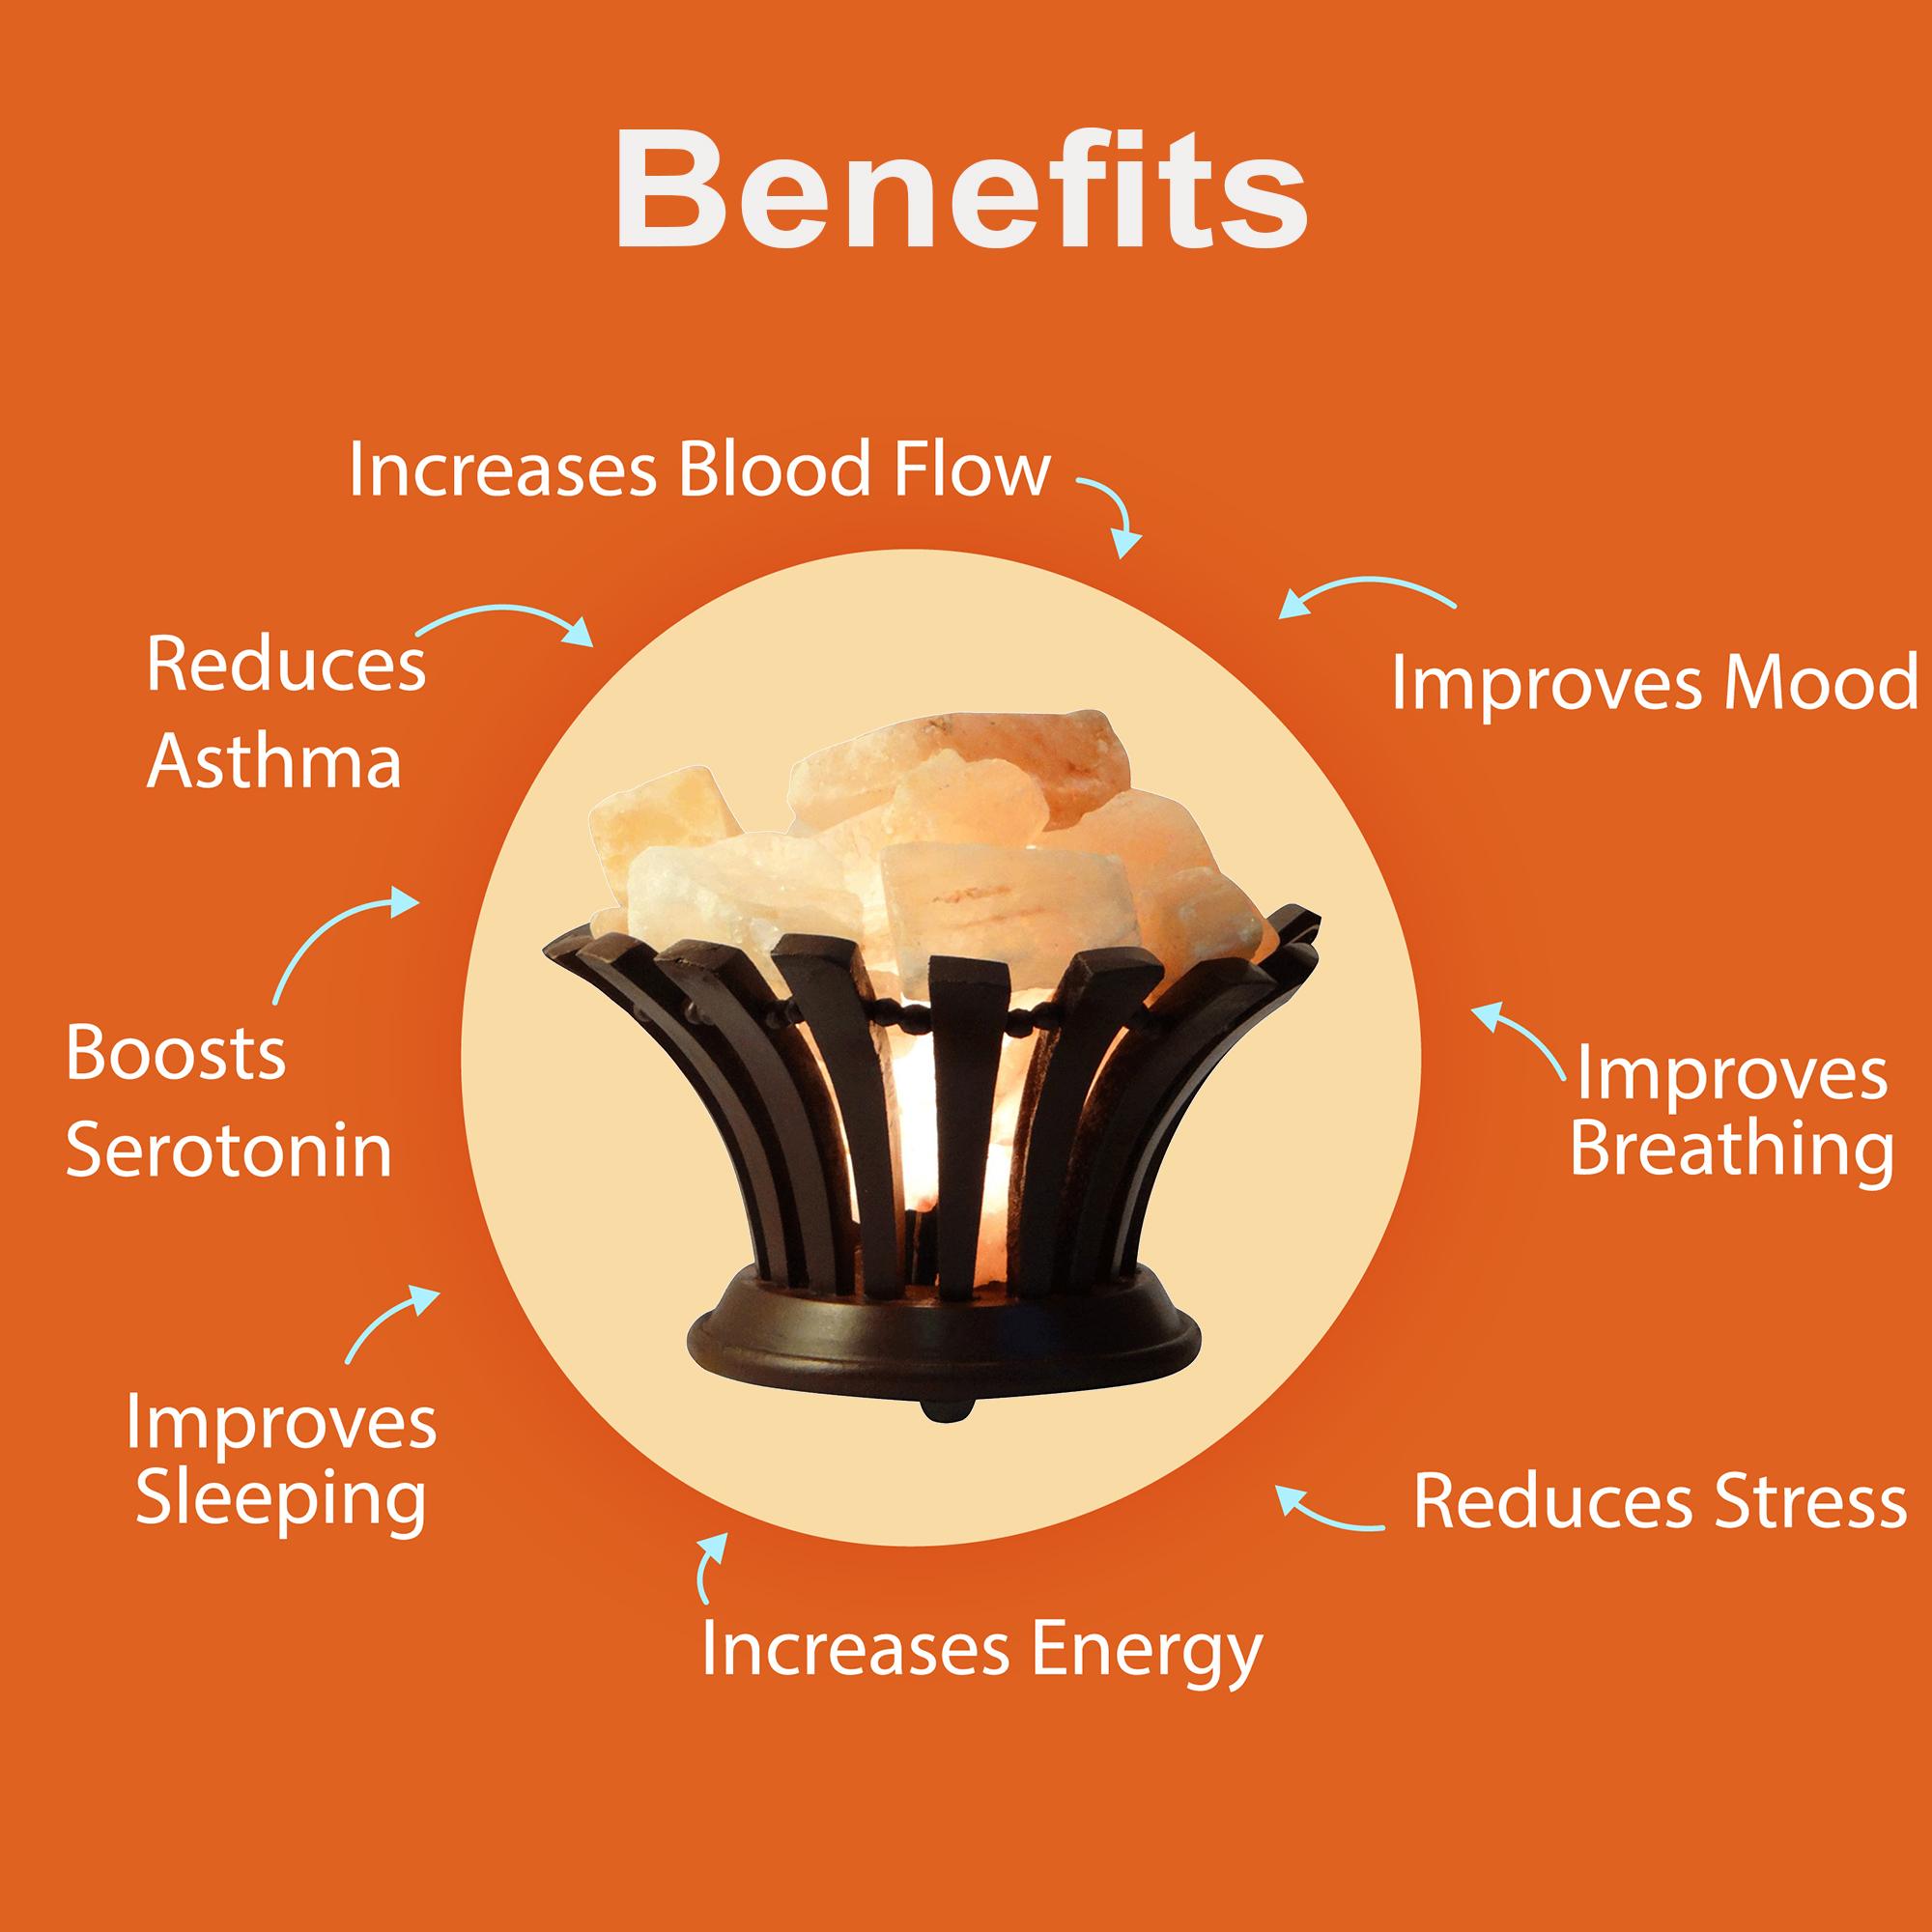 7 benefits 62 - Saltpur Himalayan Salts